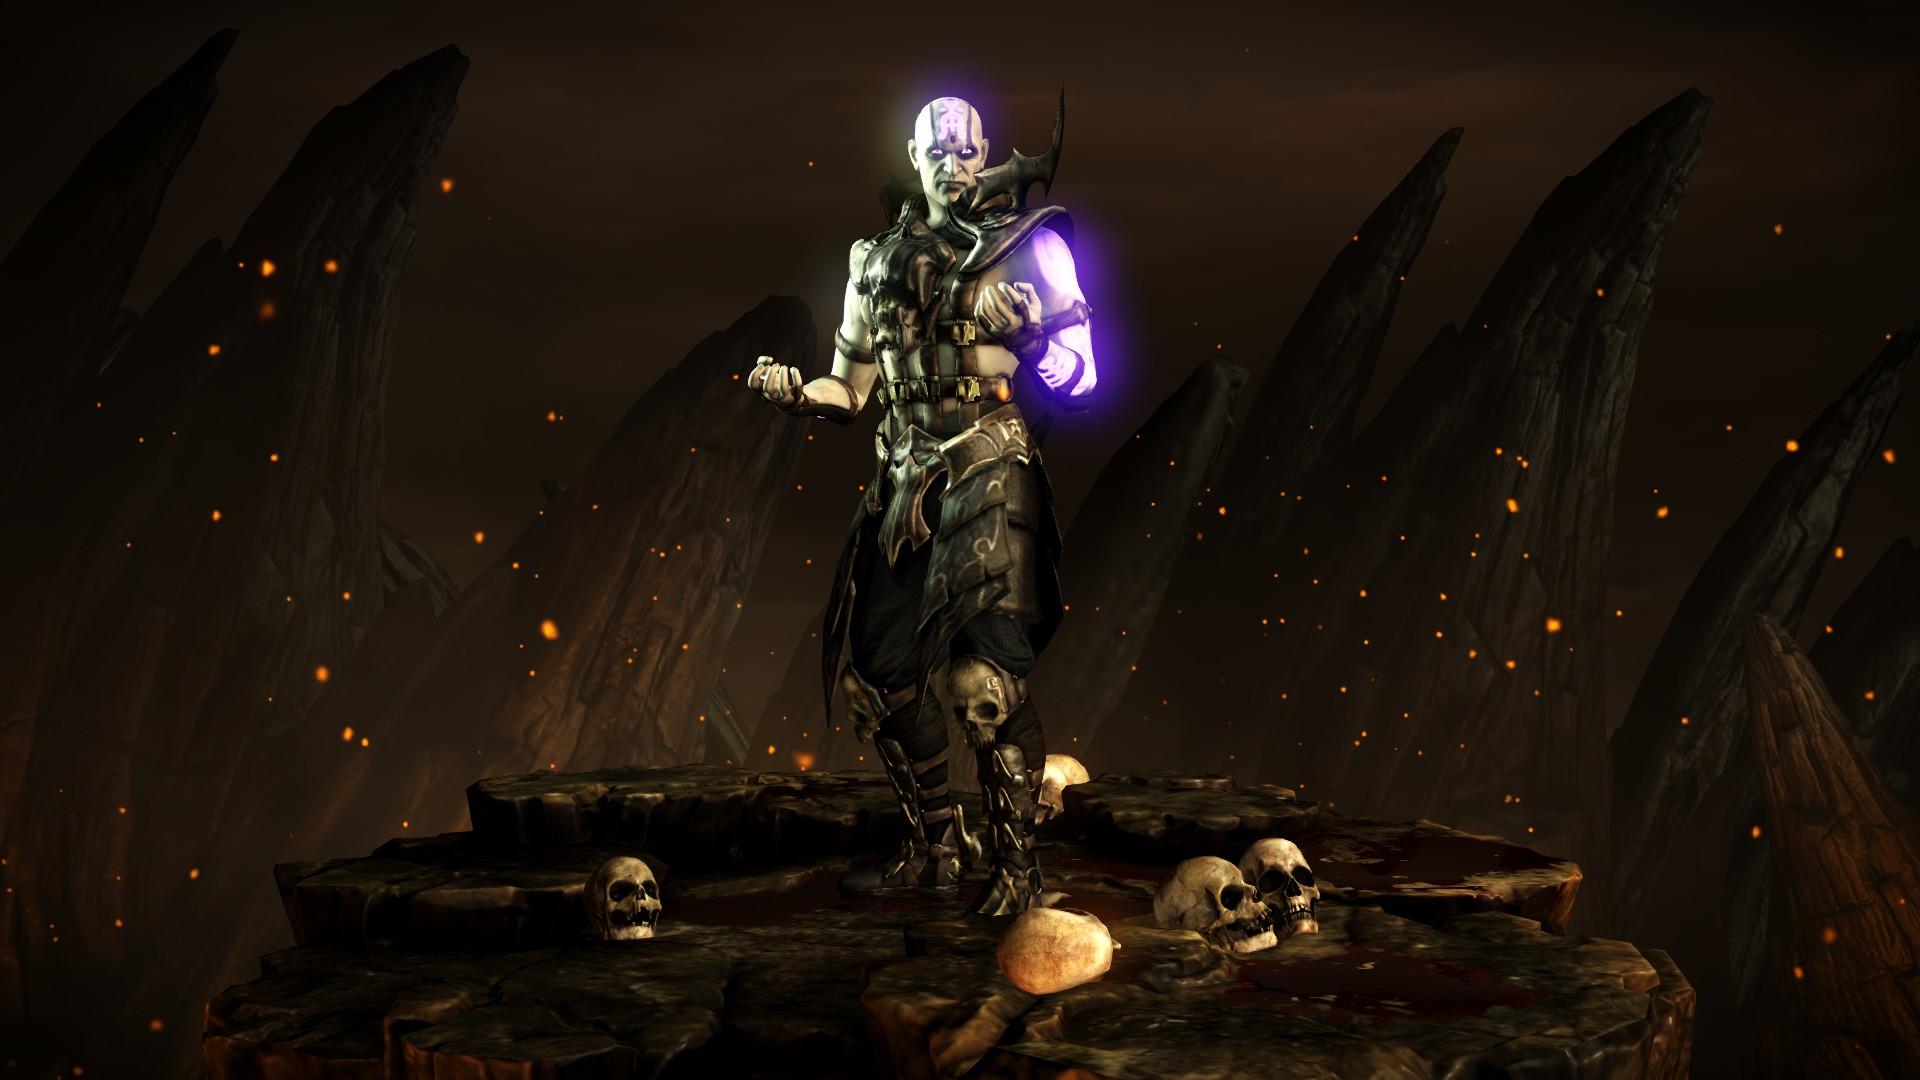 Куан Чи (Стиль: Чародей) - Mortal Kombat X Куан Чи